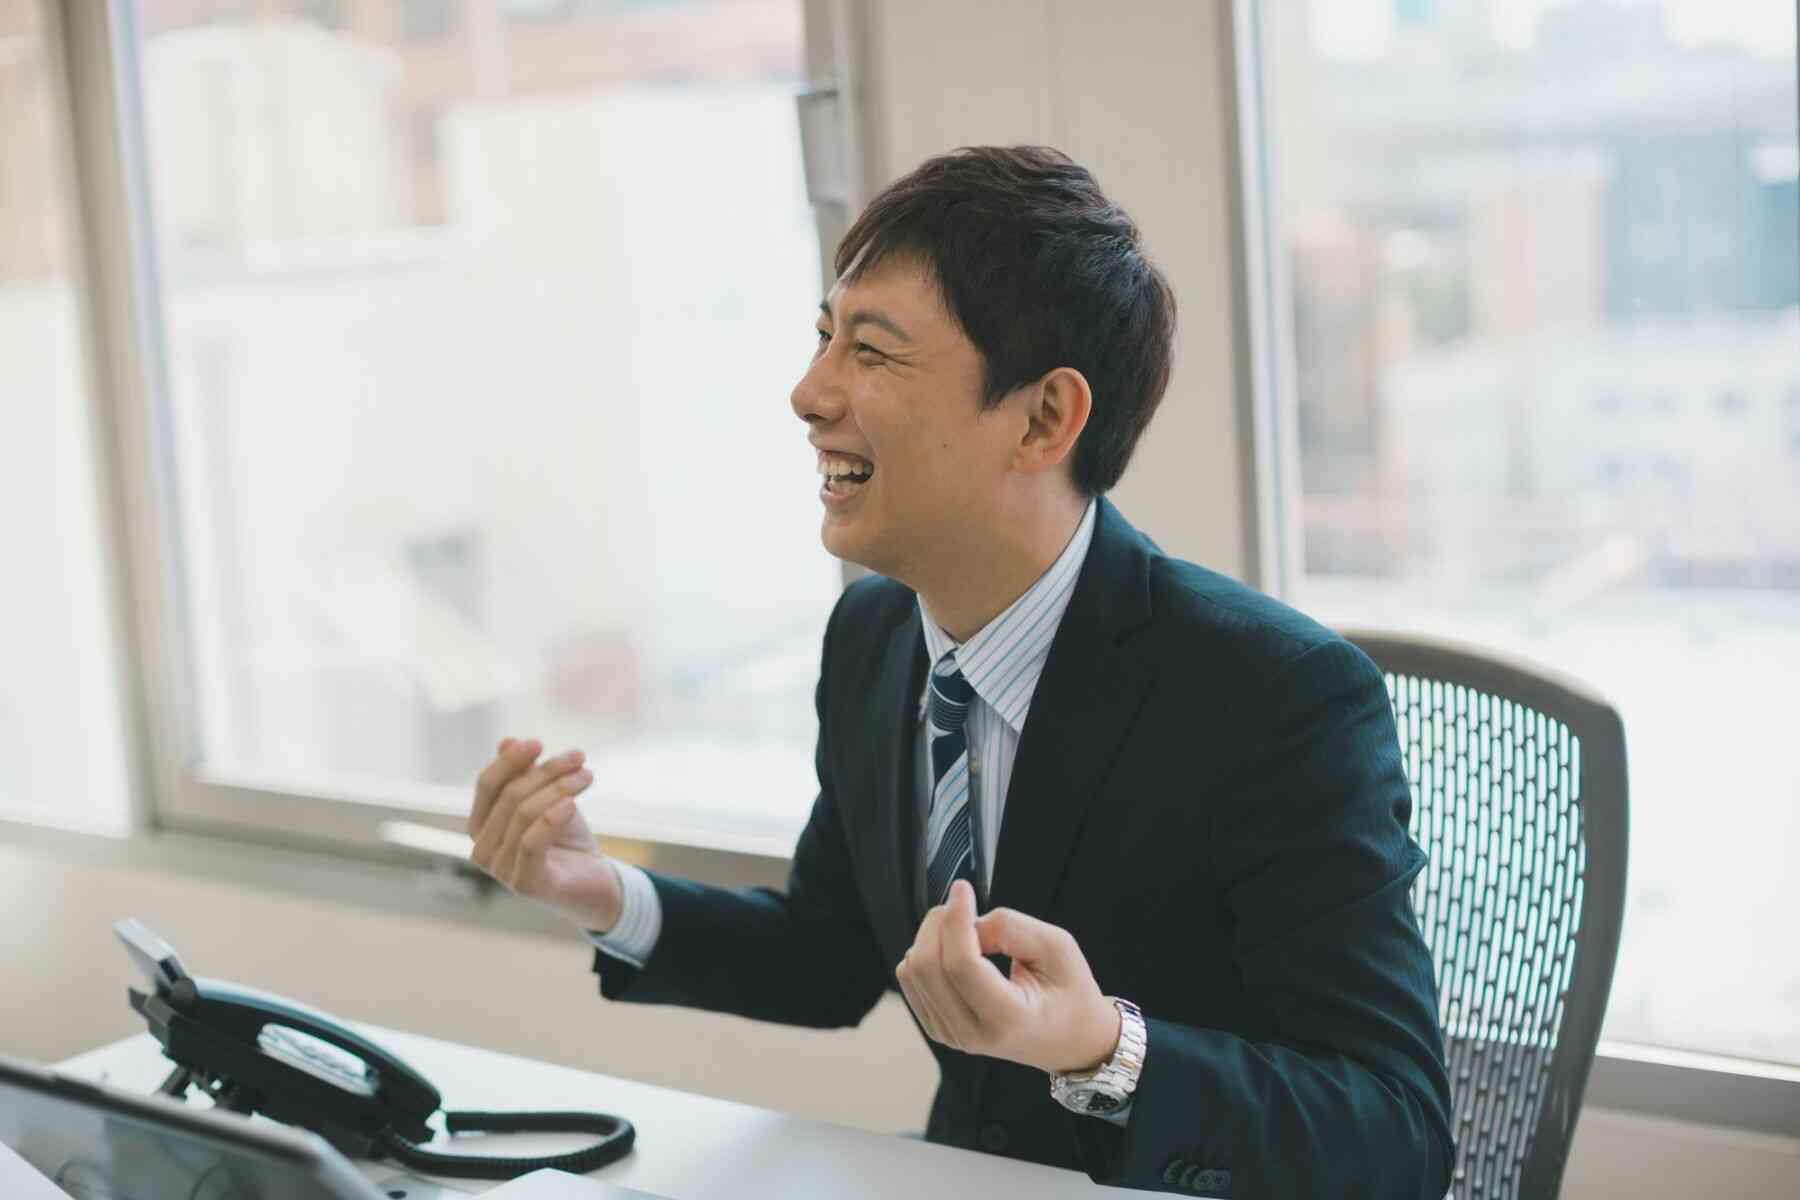 デスクで笑うビジネスマン